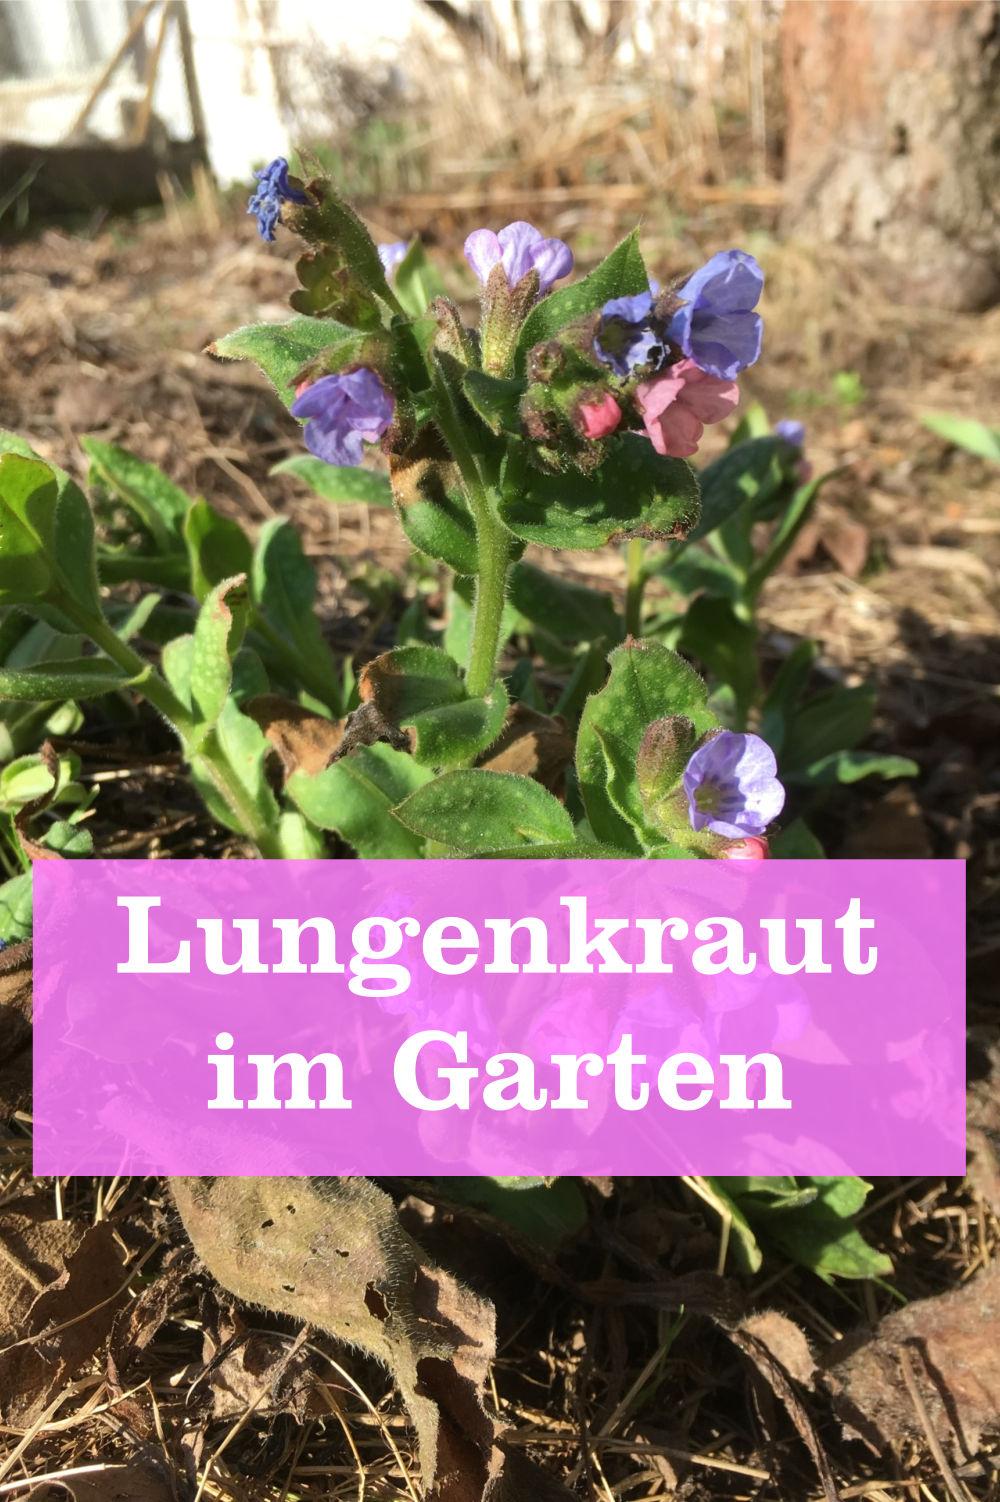 Lungenkraut im Garten